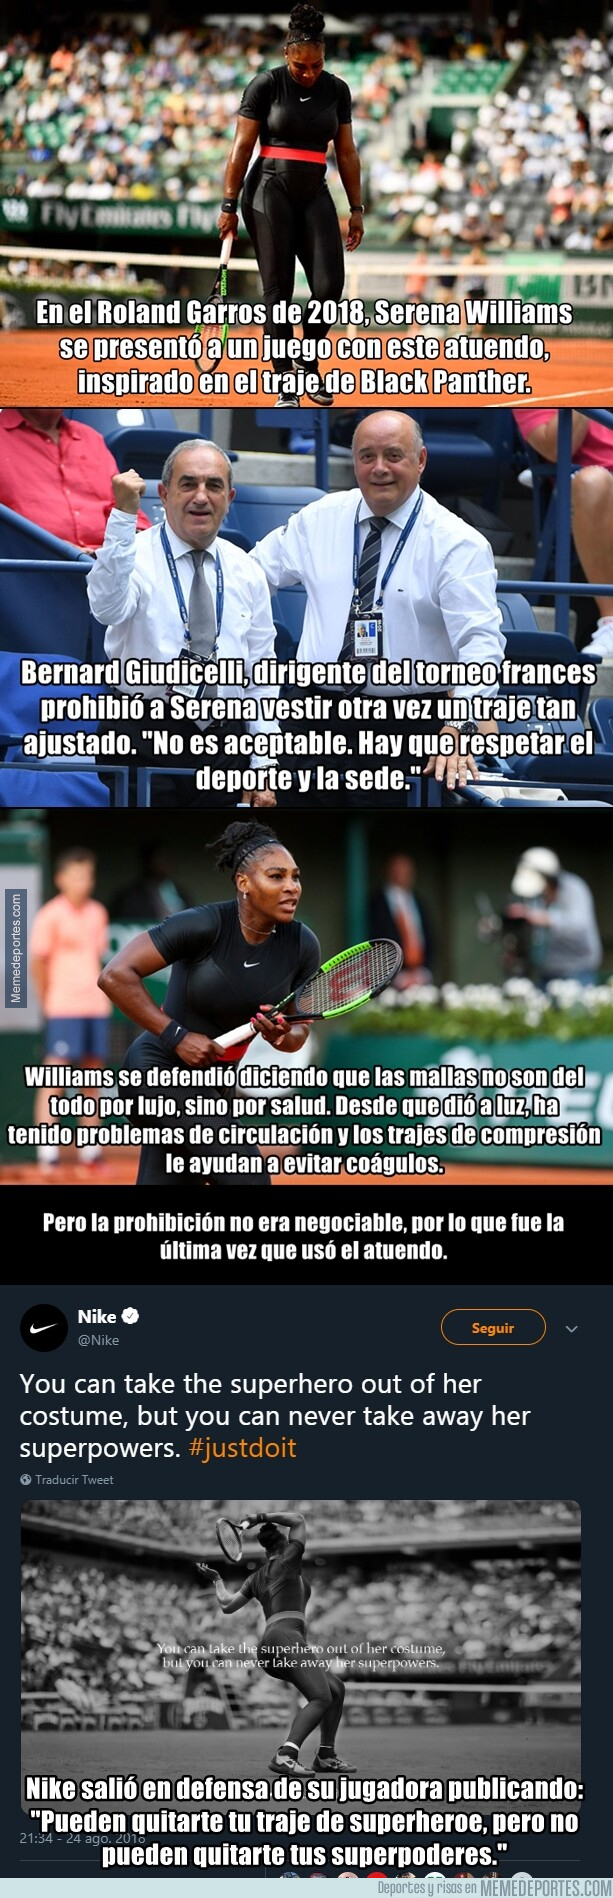 1079322 - El traje que prohibió usar el Roland Garros a las mujeres por ser 'irrespetuoso'